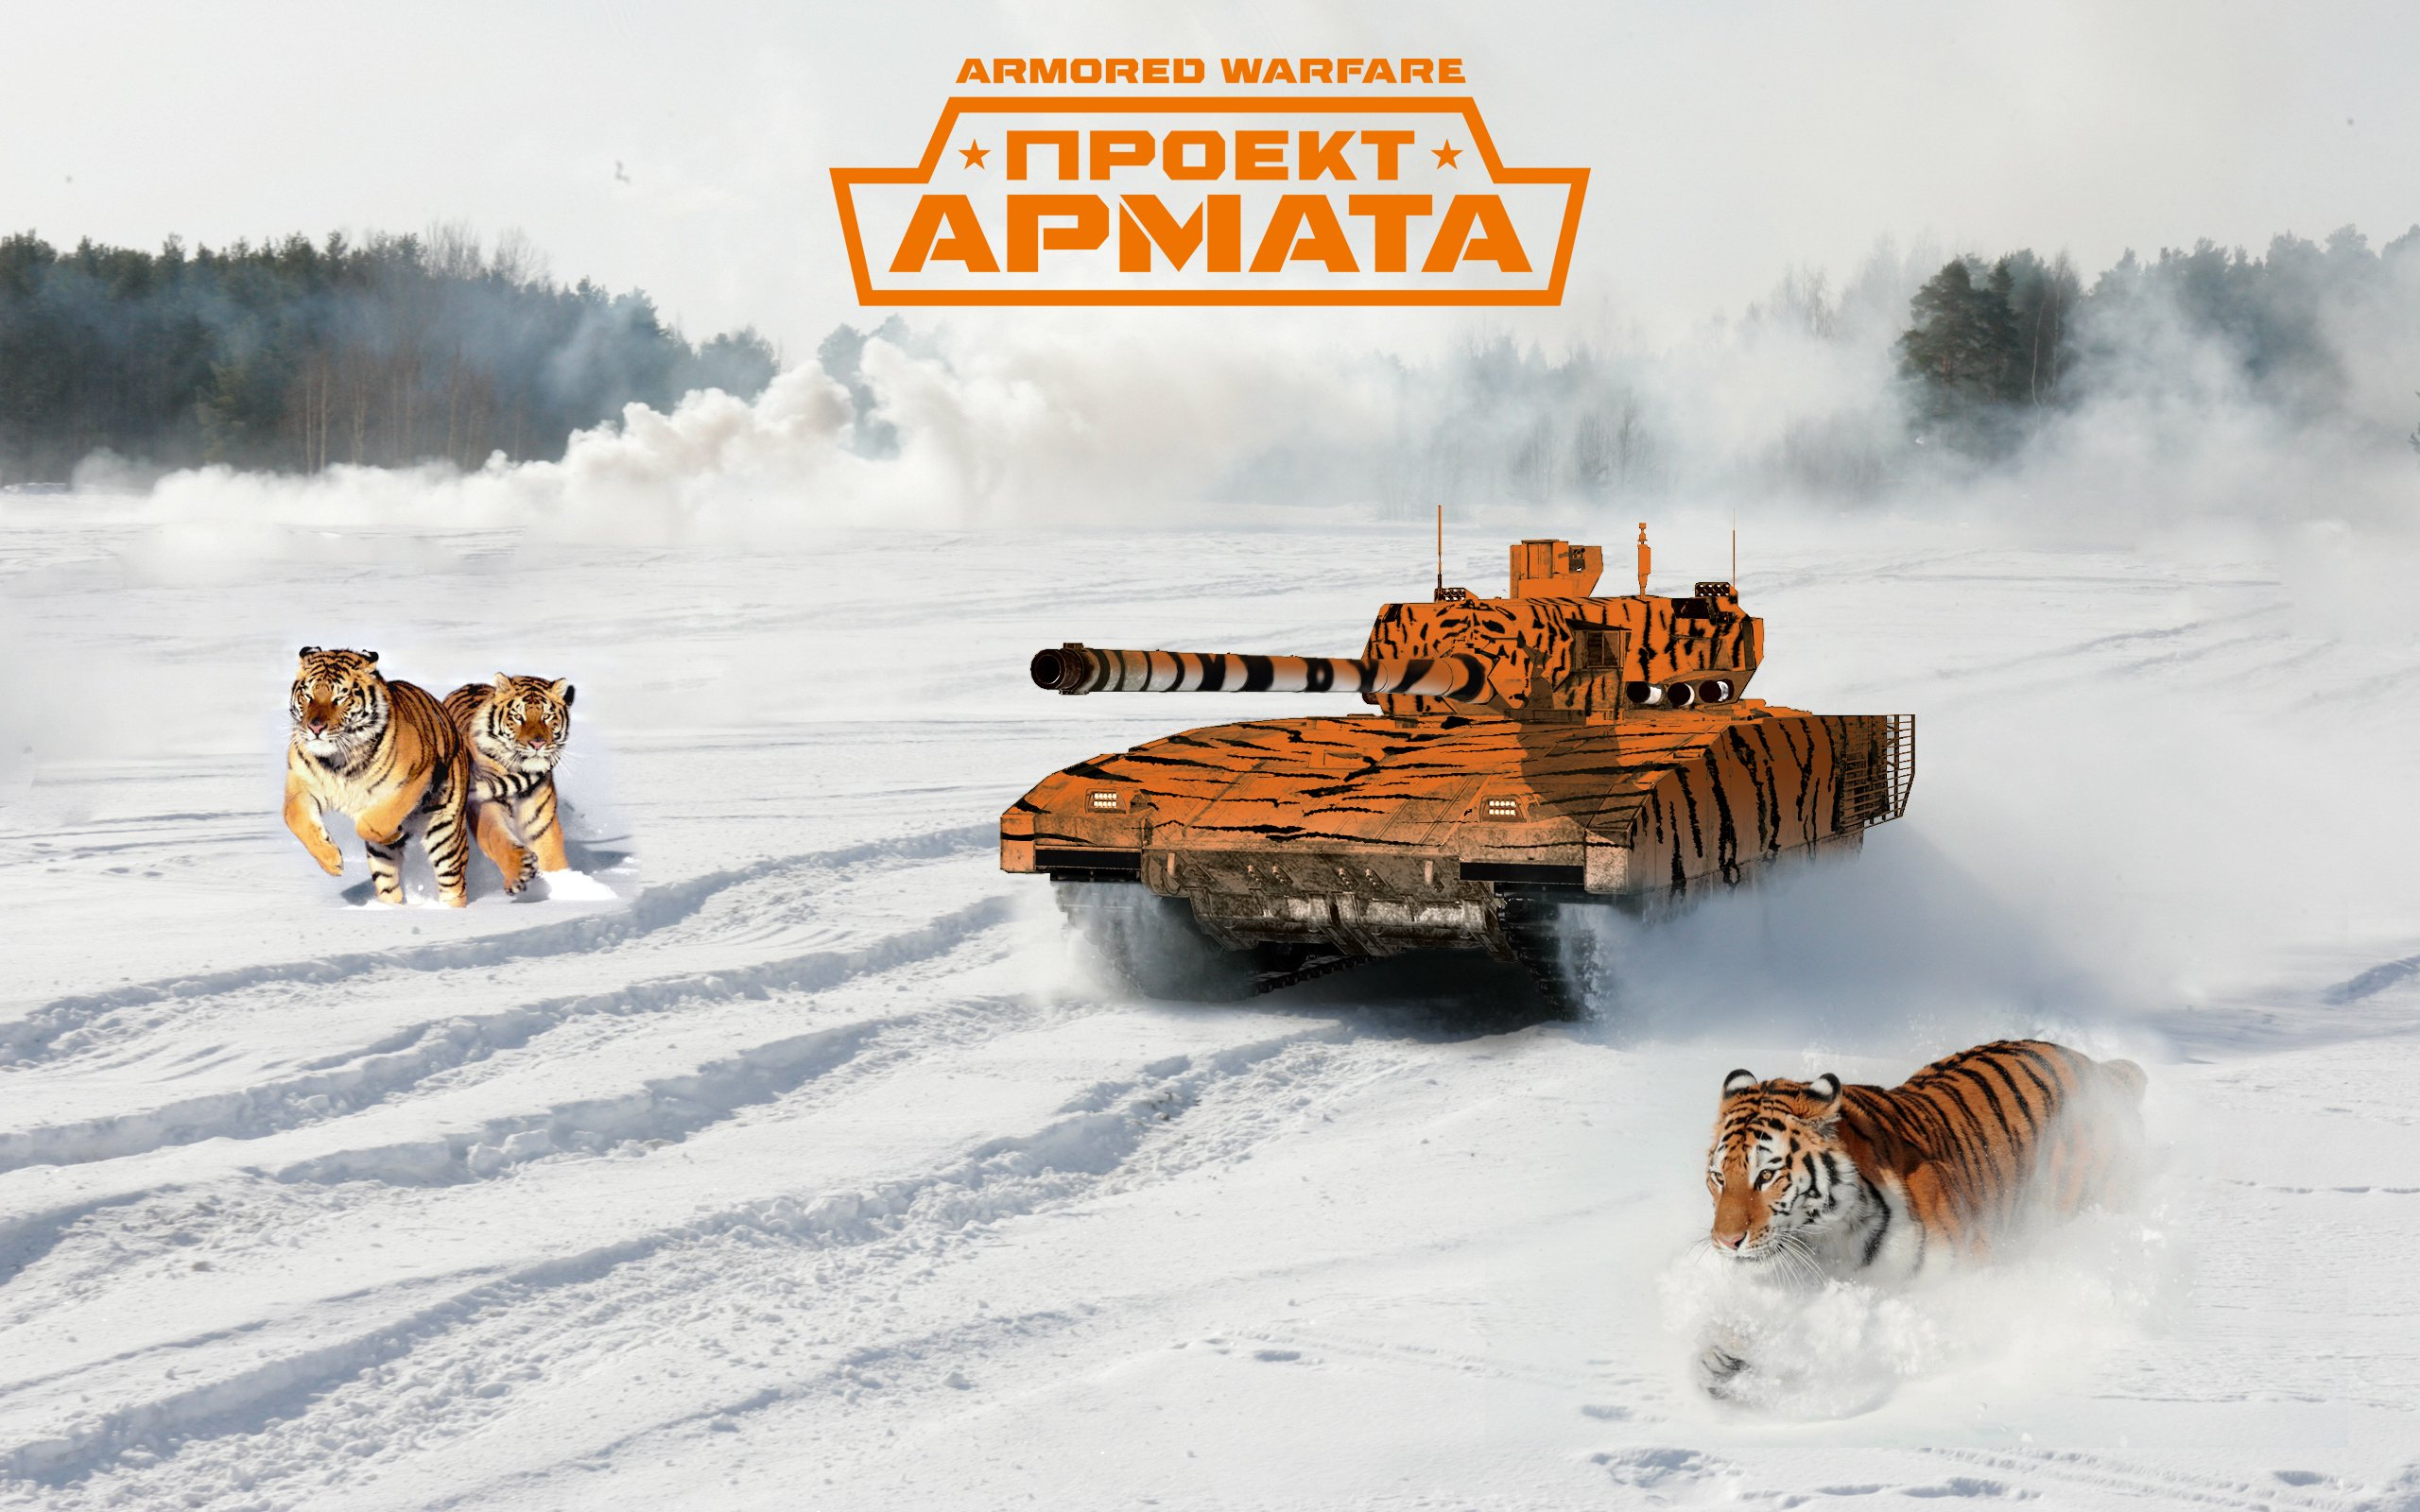 Тигровый окрас. - Изображение 1